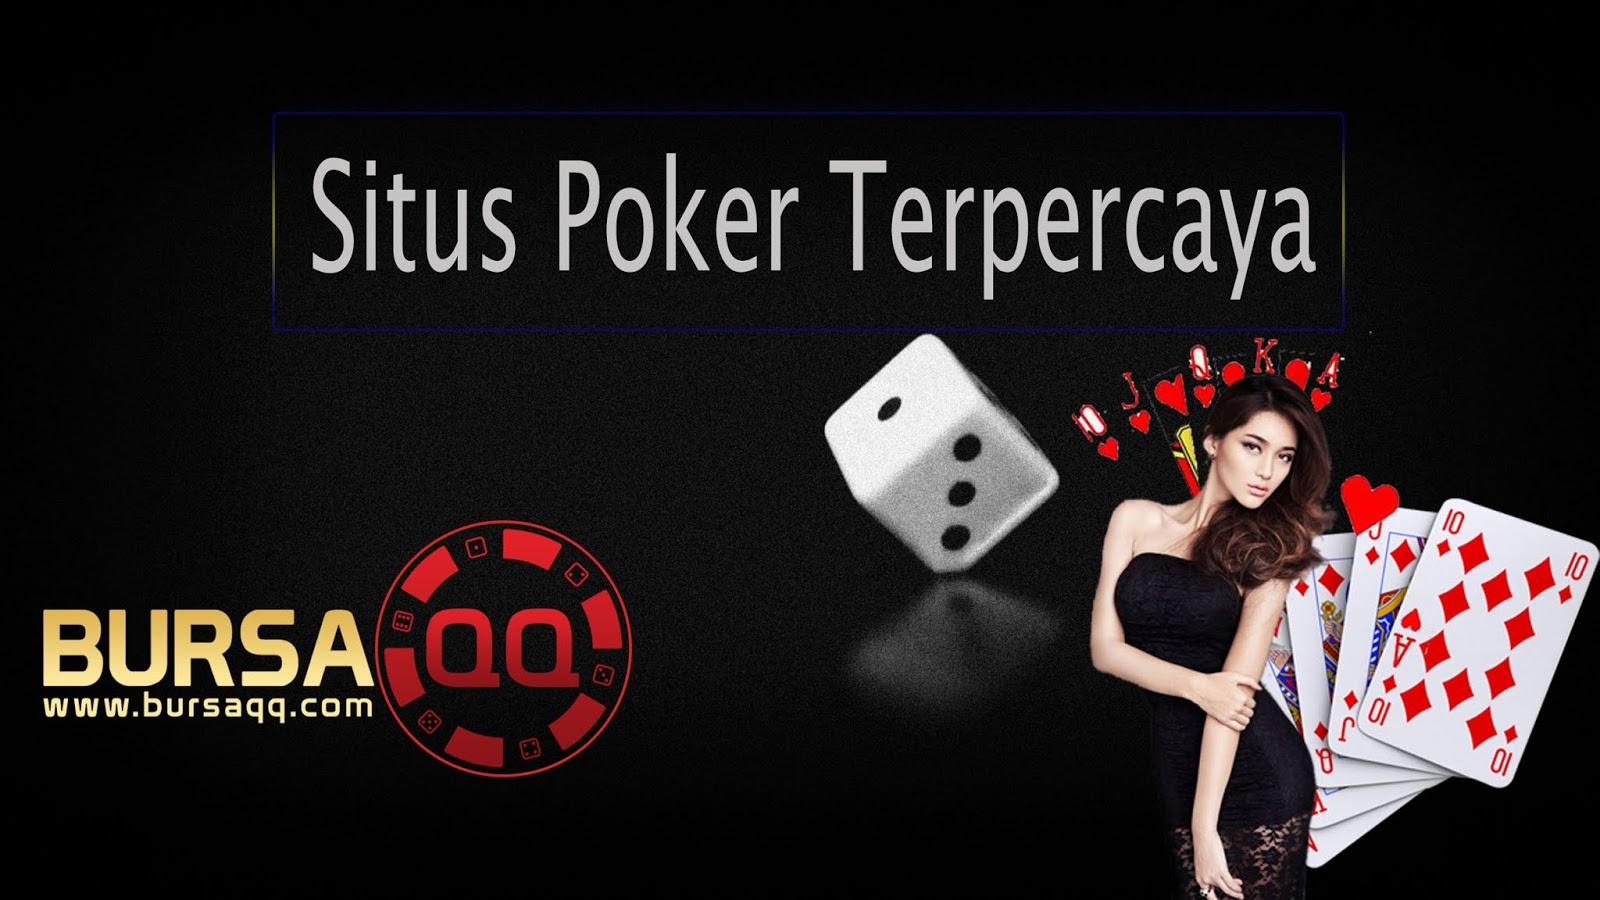 Situs-poker-terpercaya.jpg